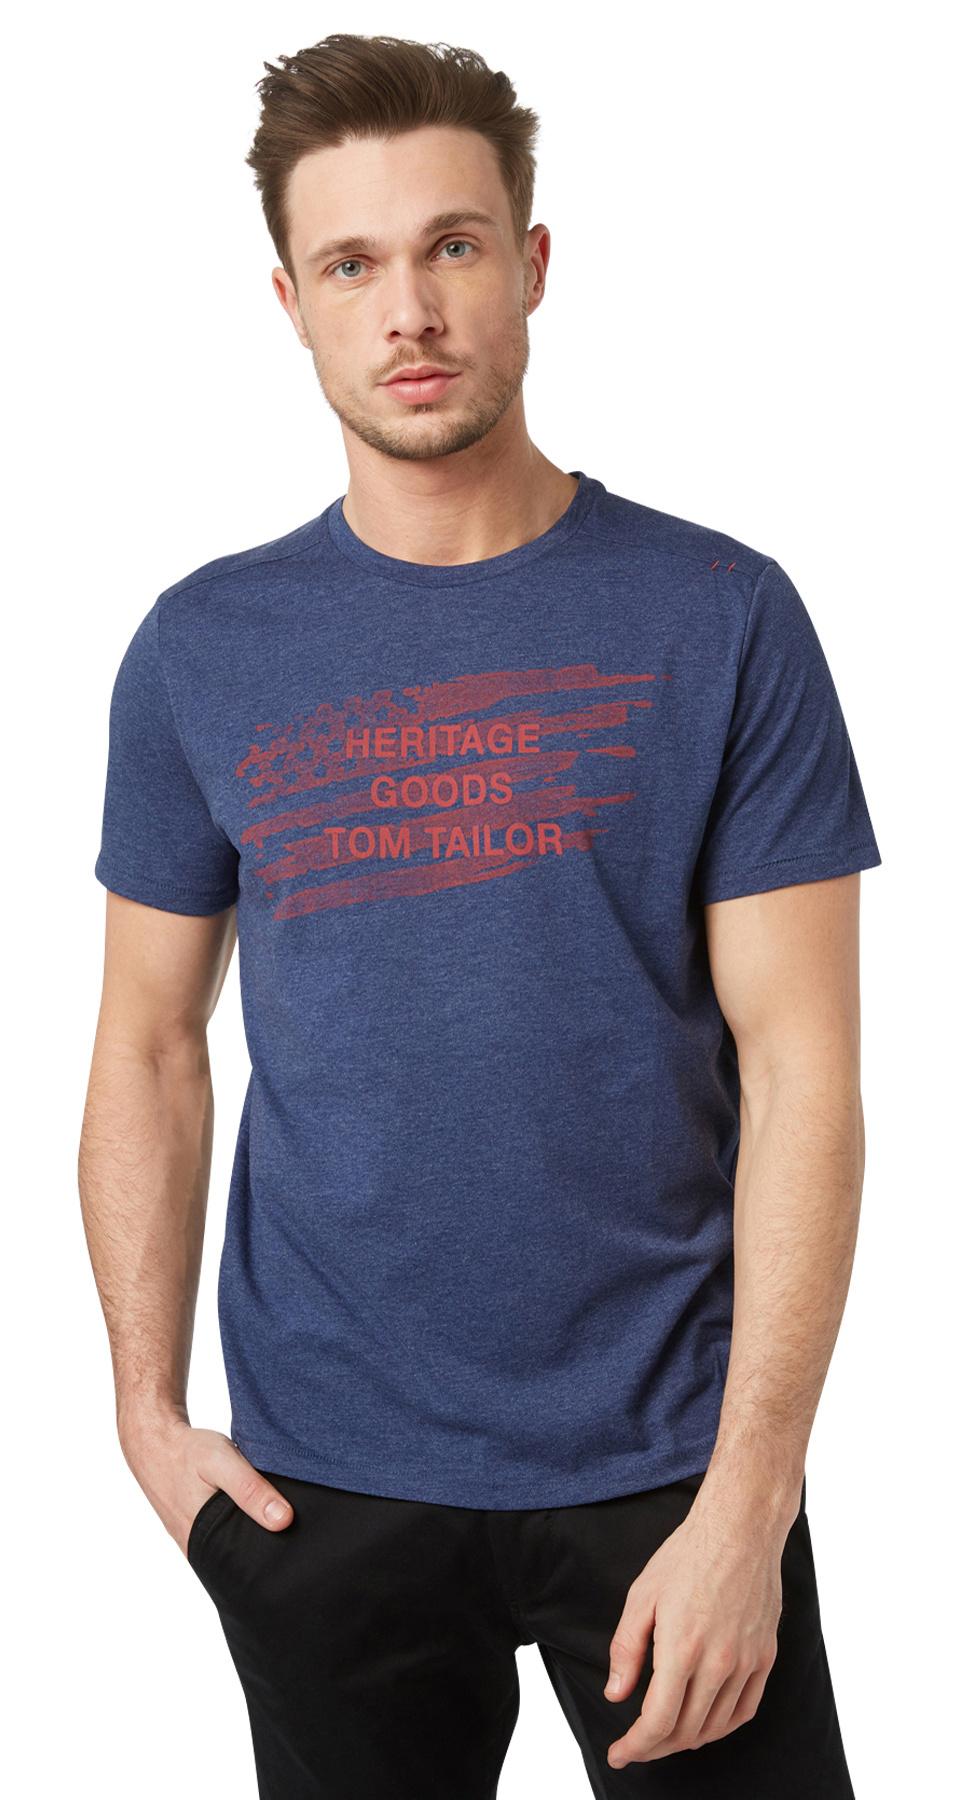 Tom Tailor pánské triko 10372040010/6814 Modrá XXL